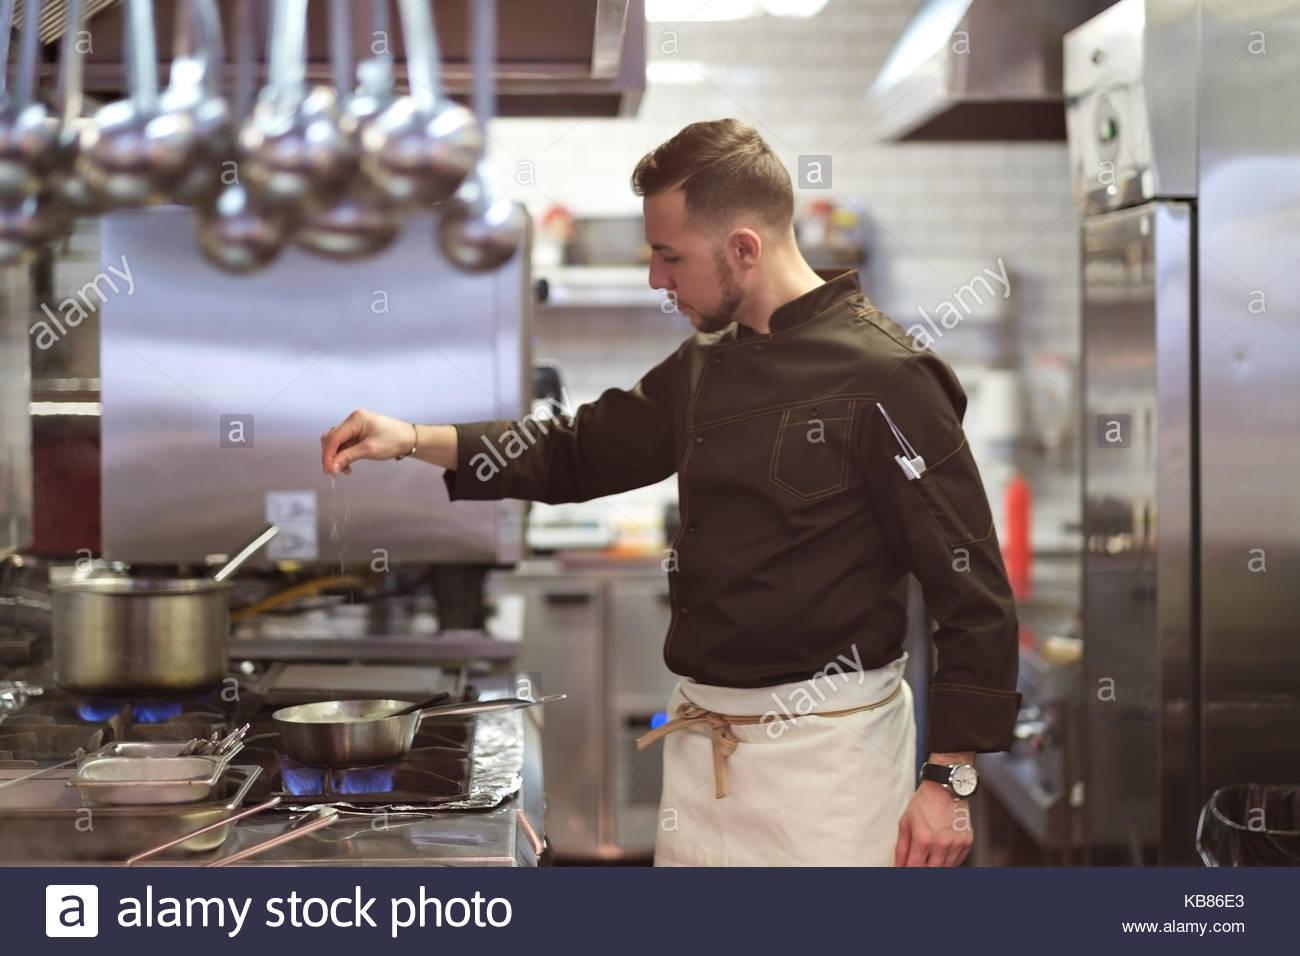 Essen Konzept. Ein junger Koch steht in der Küche und bereitet ein Gericht Stockbild